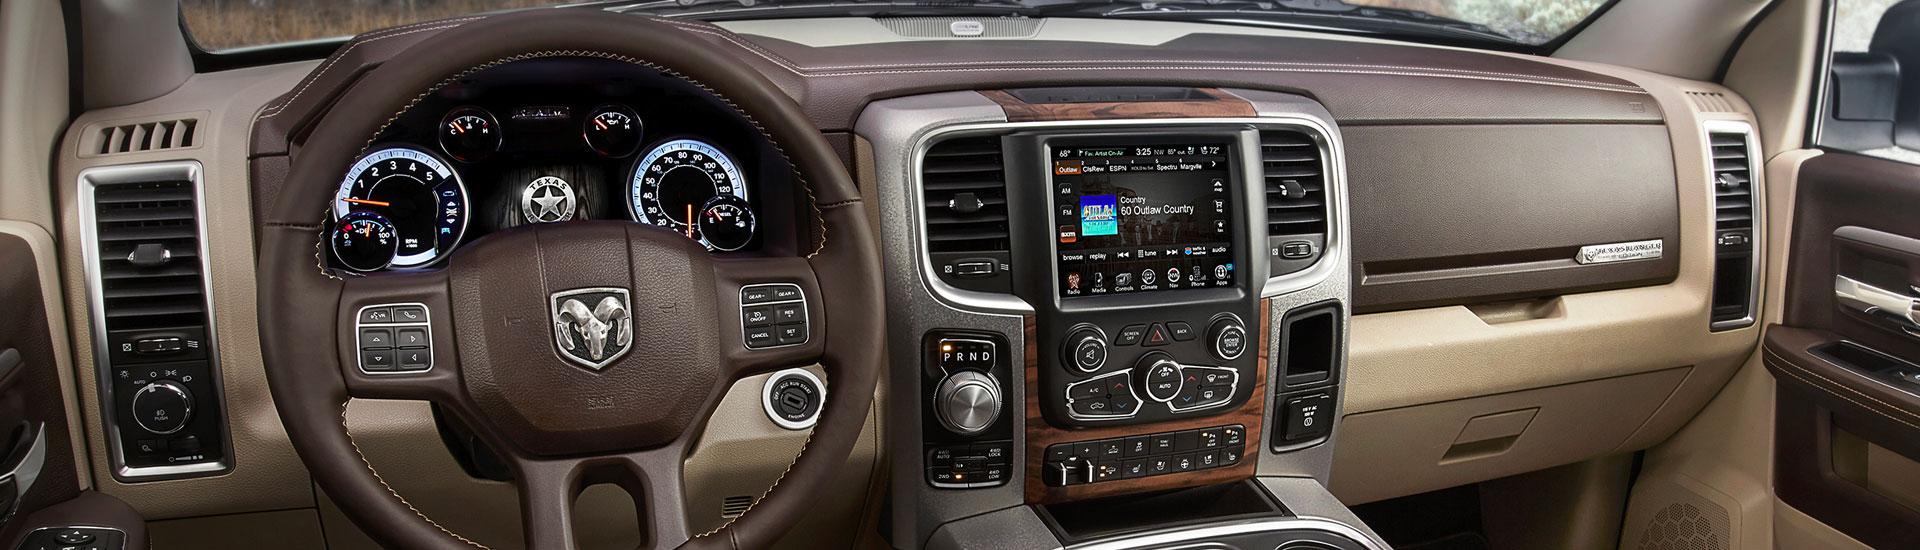 Dodge Ram Dash Kits Custom Dodge Ram Dash Kit